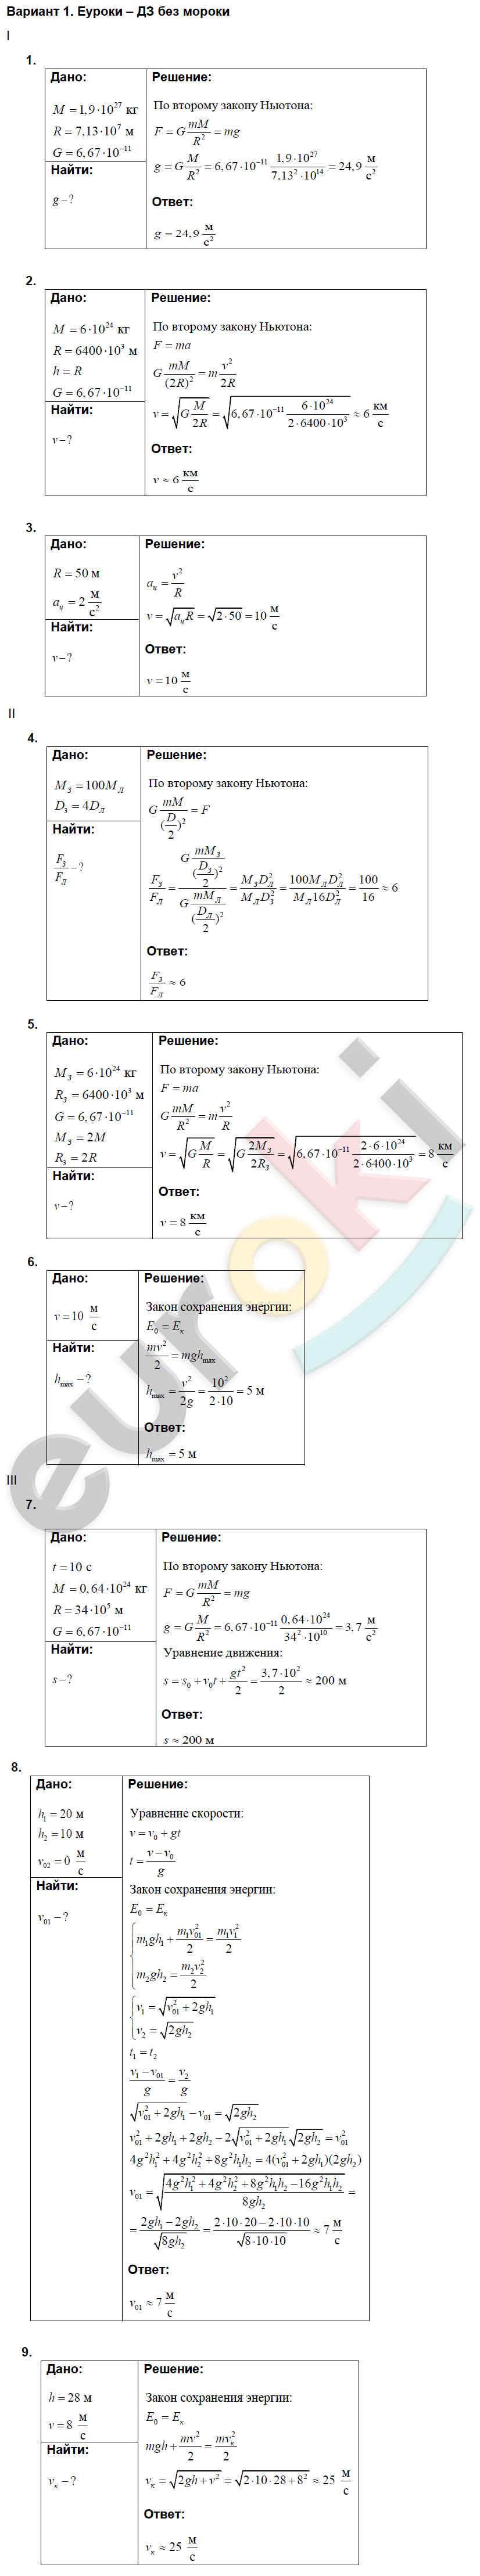 гдз по физике 9 класса дидактический материал марон ответы